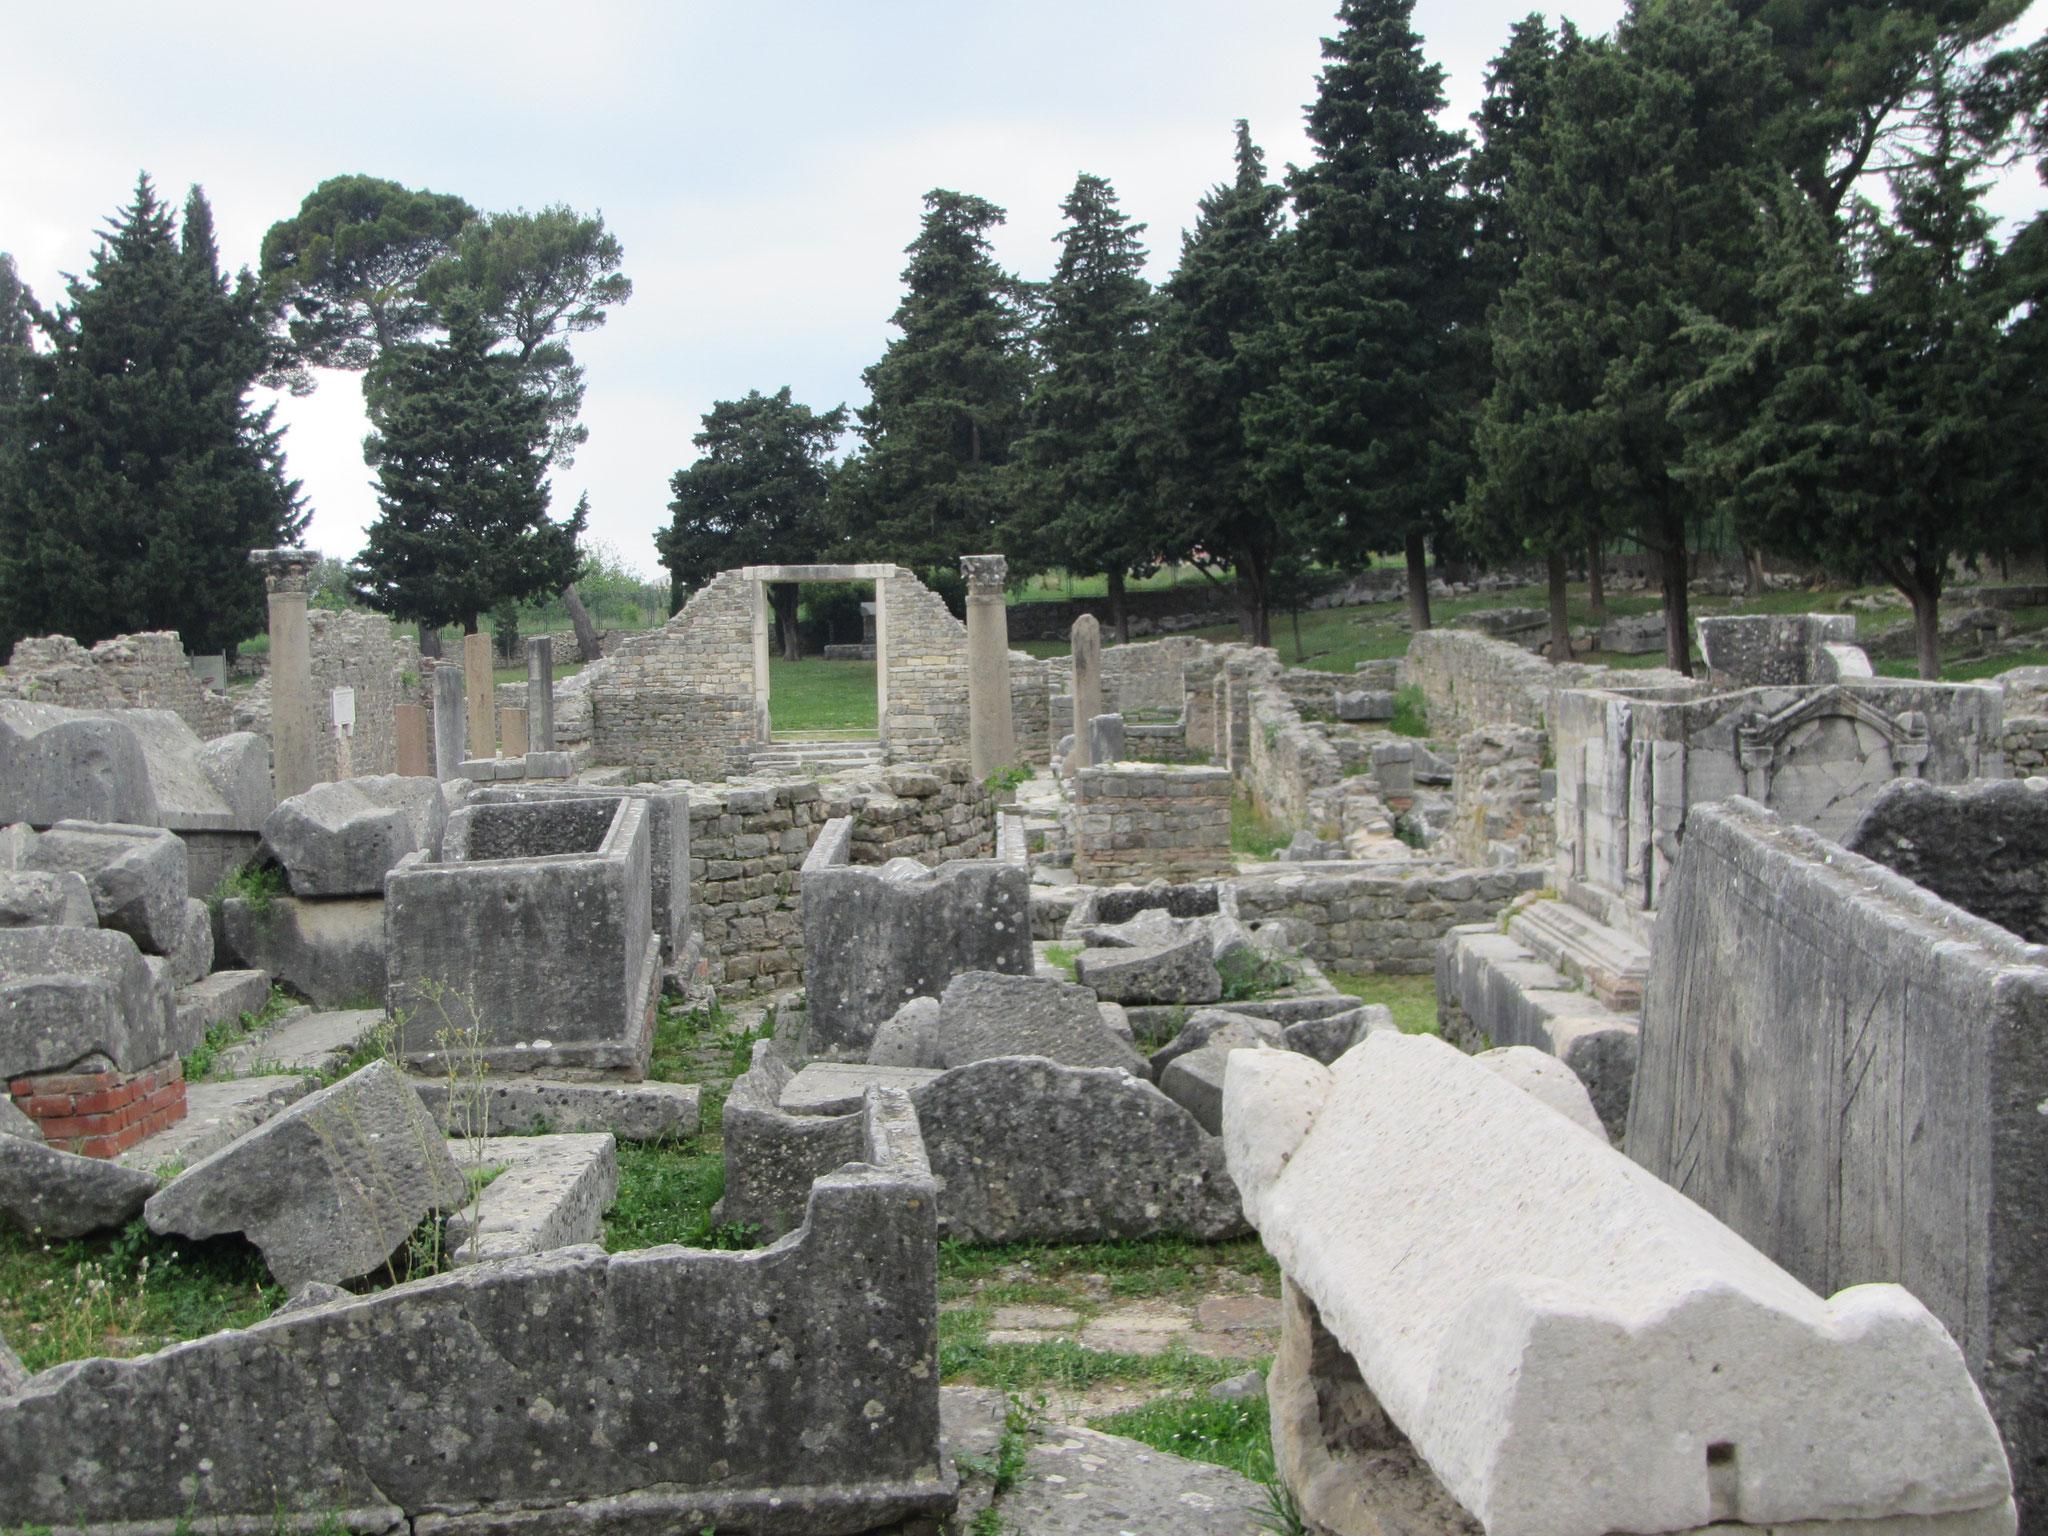 Aus der Römerzeit. Kirche mit Gräbern.